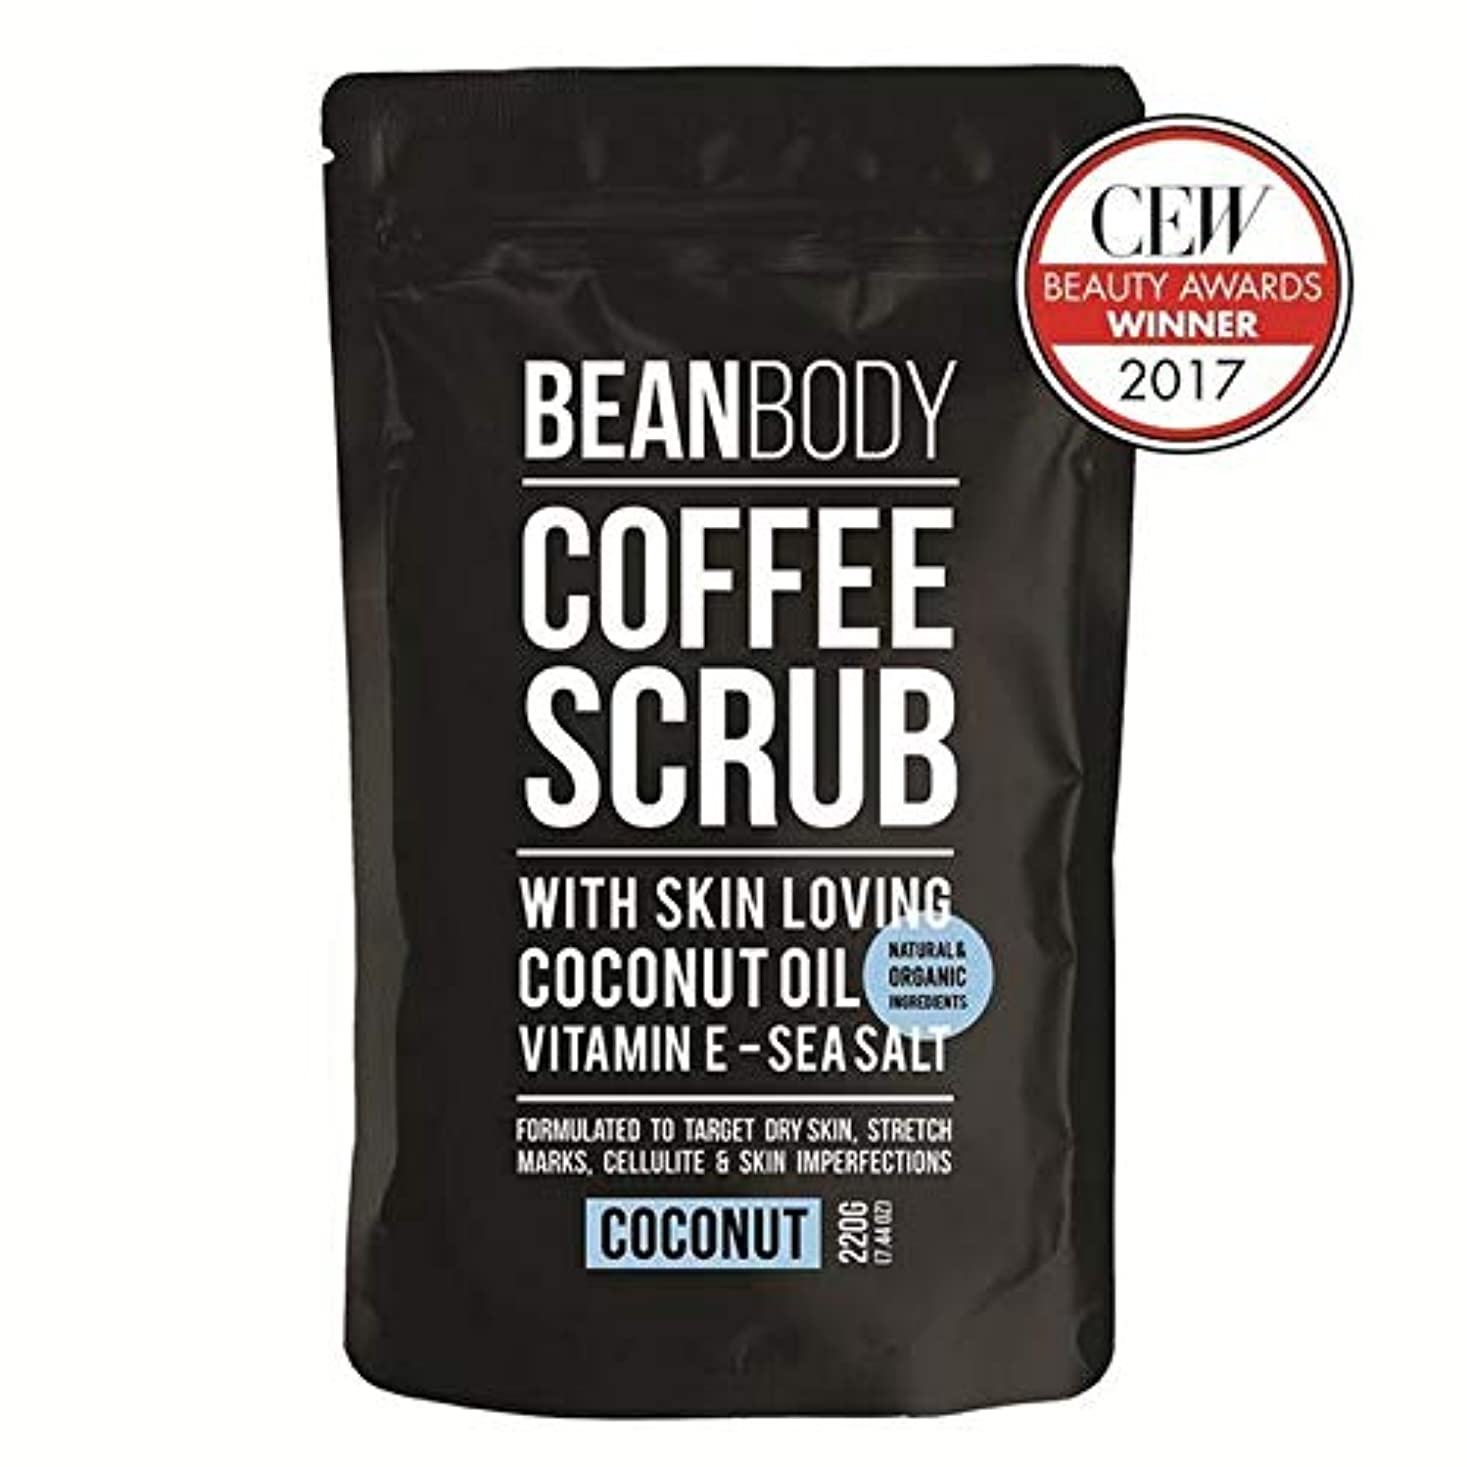 写真を描く飲食店タクト[Bean Body ] 豆のボディコーヒースクラブ、ココナッツ220グラム - Bean Body Coffee Scrub, Coconut 220g [並行輸入品]